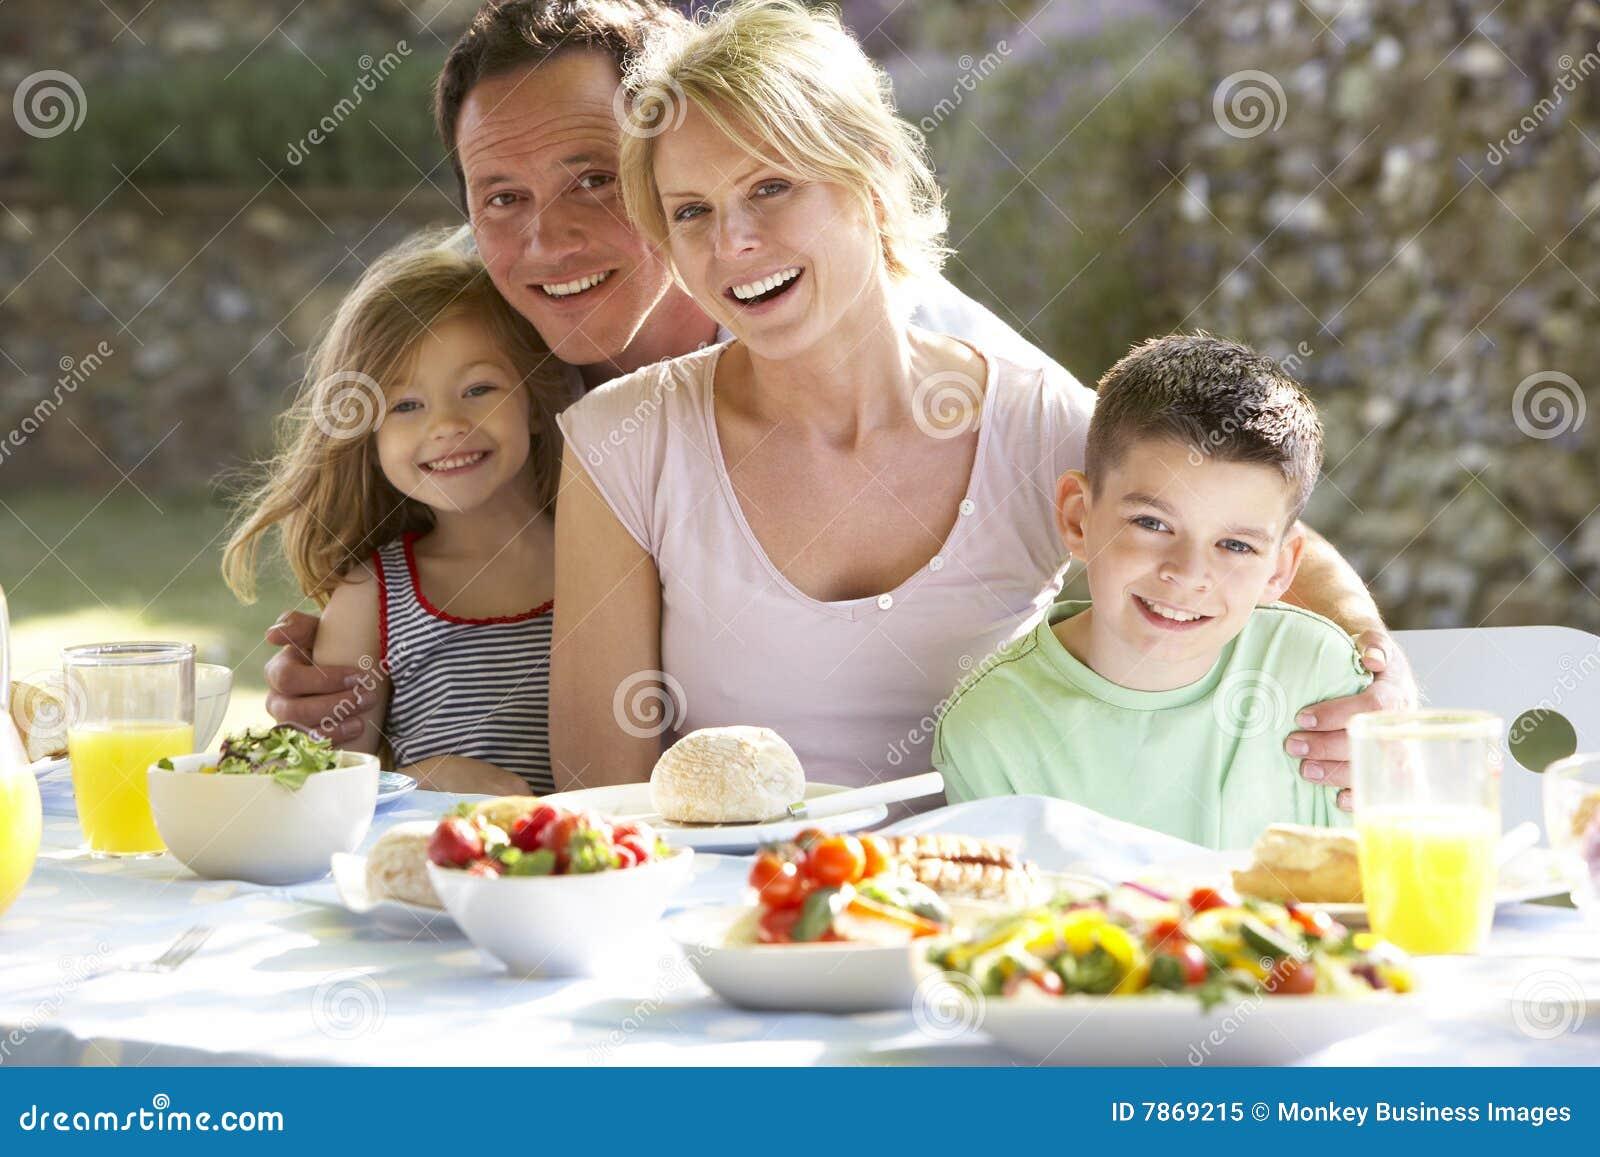 Familie, die eine Al-Fresko-Mahlzeit isst